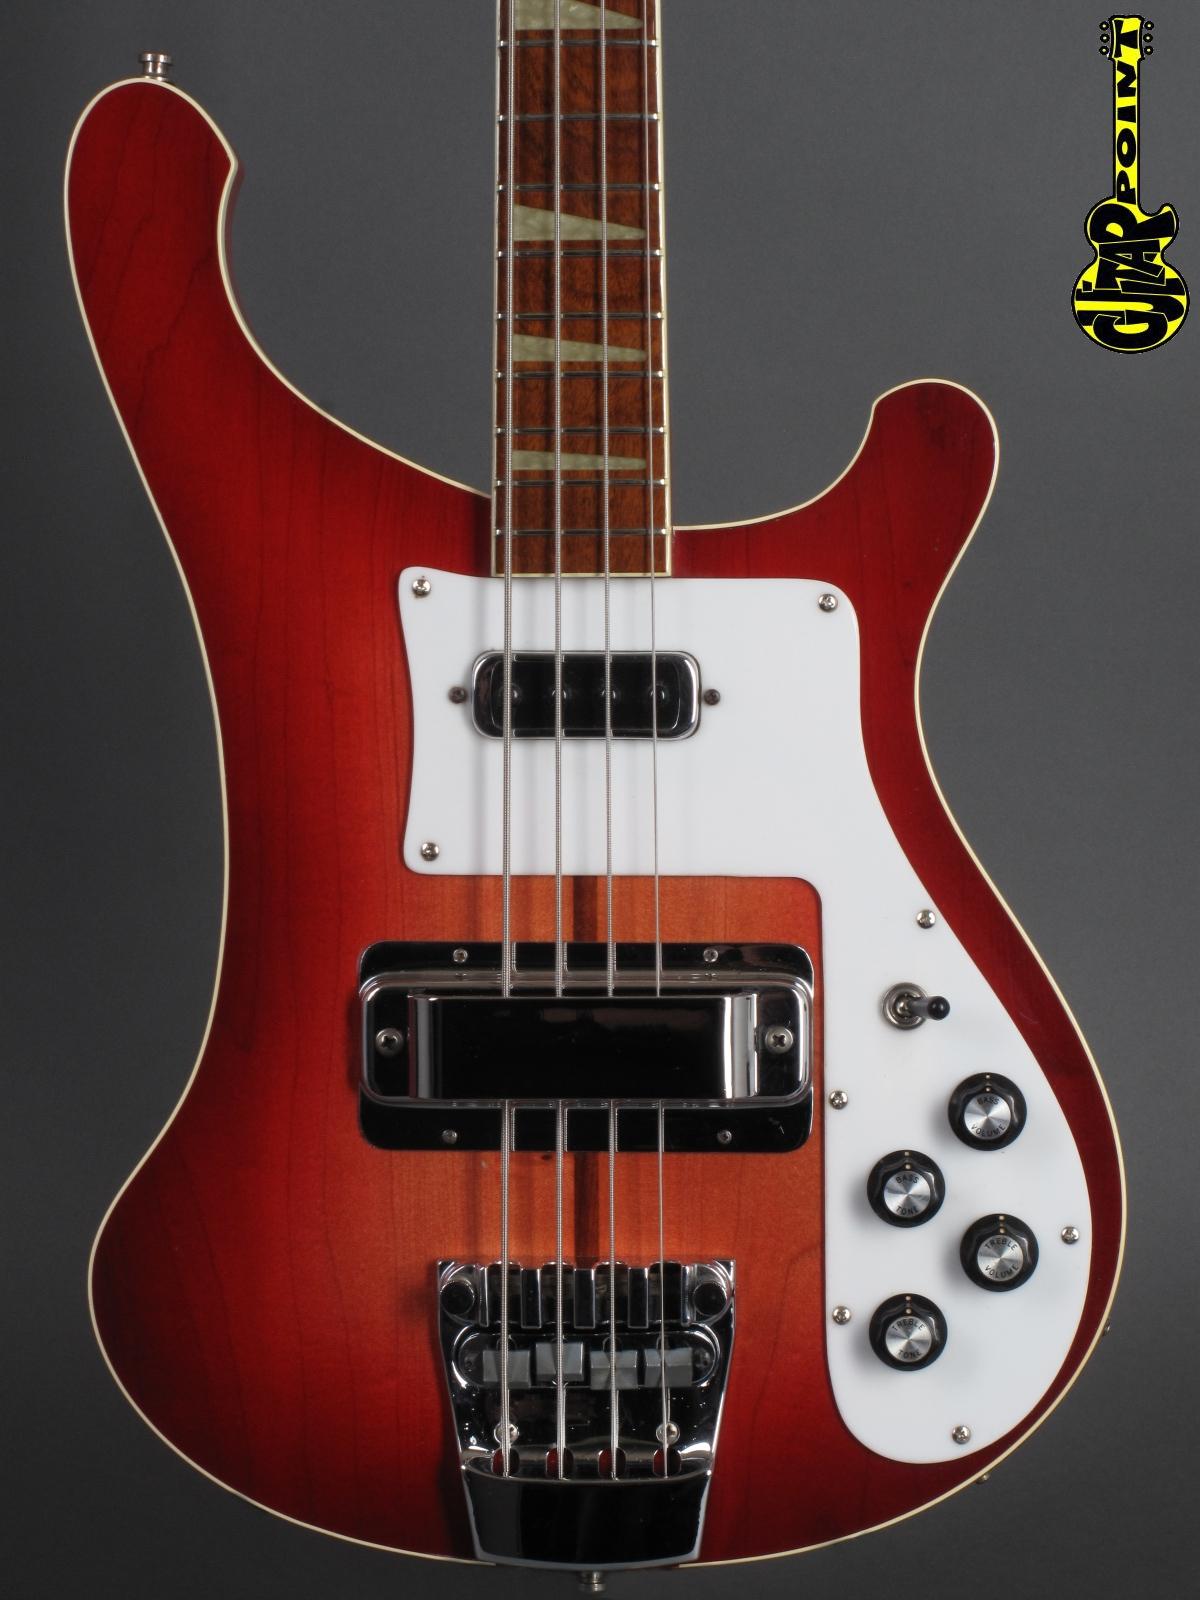 1975 Rickenbacker 4001 Bass - Fireglo